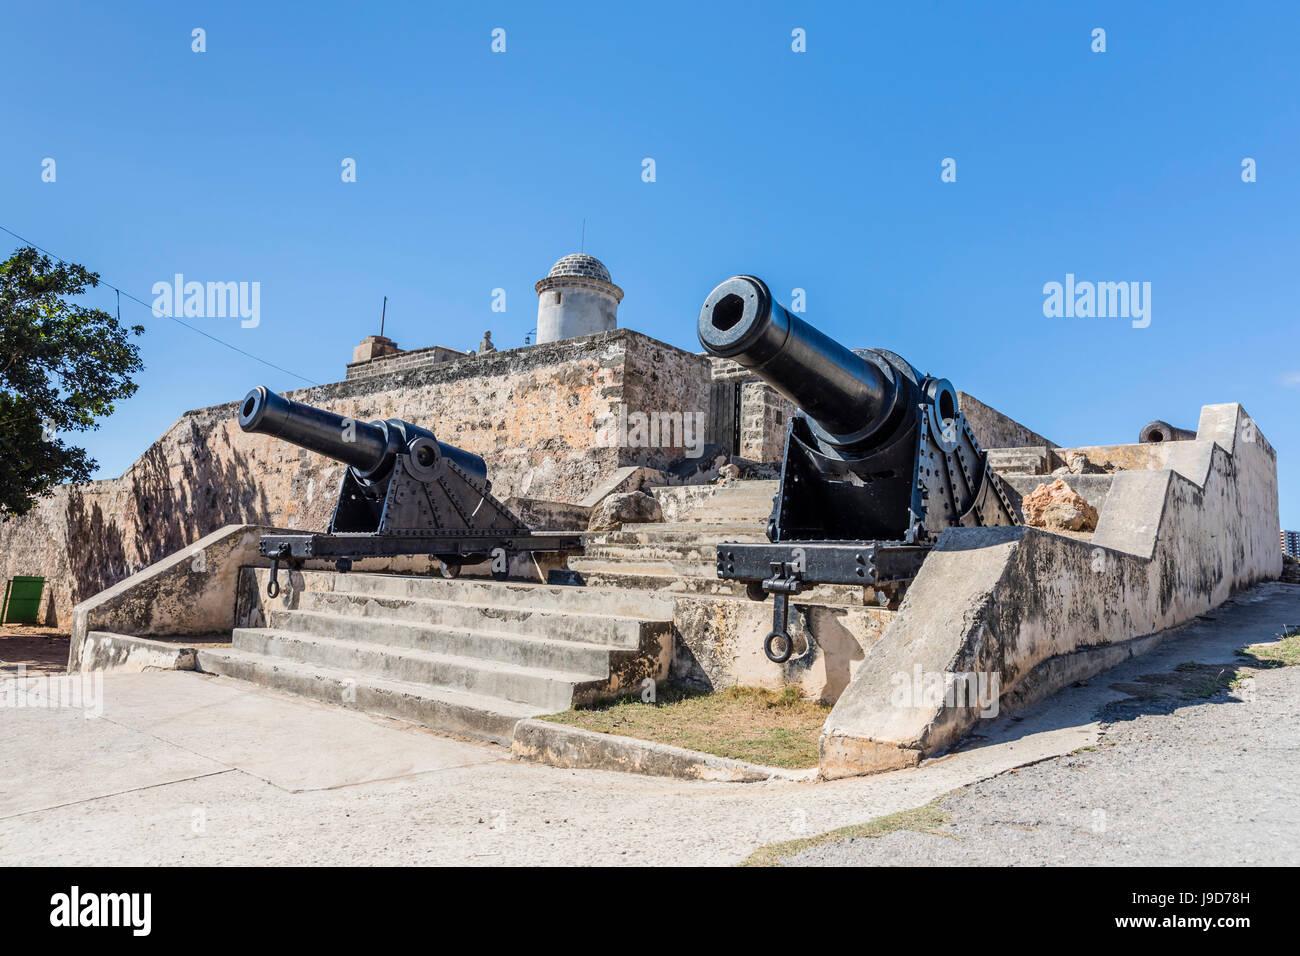 El Castillo de Jagua fort, erigido en 1742 por el rey Felipe V de España, cerca de Cienfuegos, Cuba, Las Antillas, Imagen De Stock